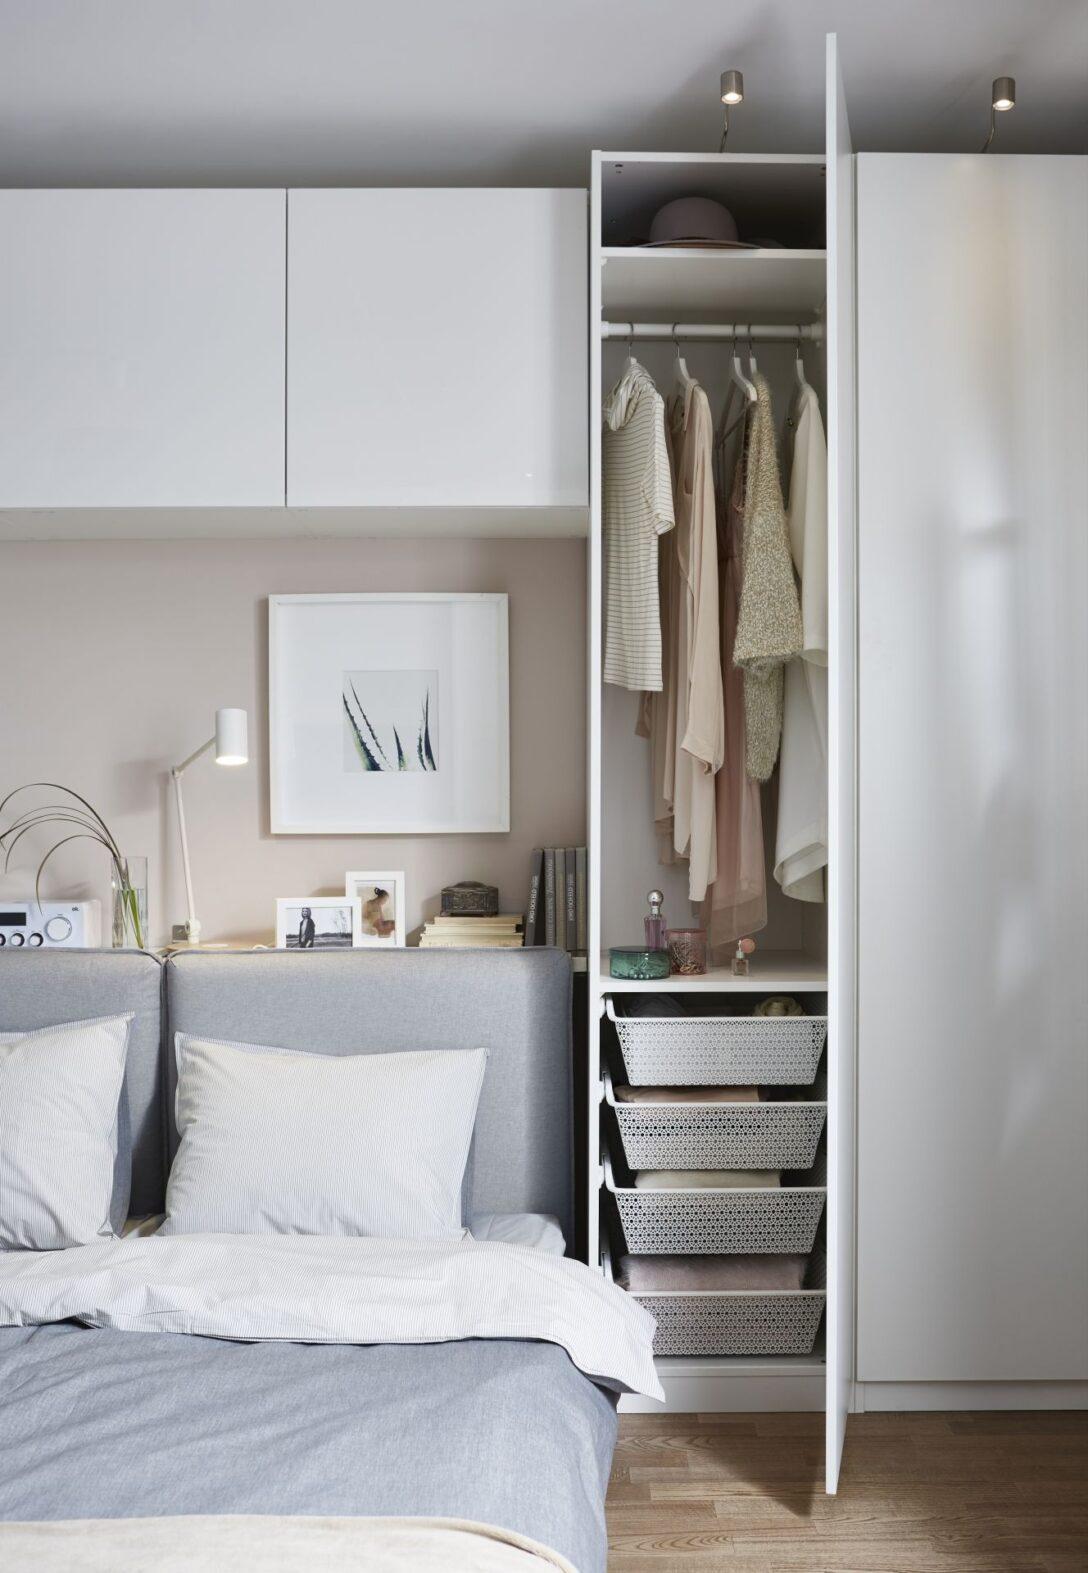 Large Size of Ikea Deutschland Man Kann Paund Best Super Kombinieren Fr Schlafzimmer Set Weiß Deckenleuchten Komplette Loddenkemper Wandleuchte Weiss Vorhänge Mit Wohnzimmer Schlafzimmer überbau